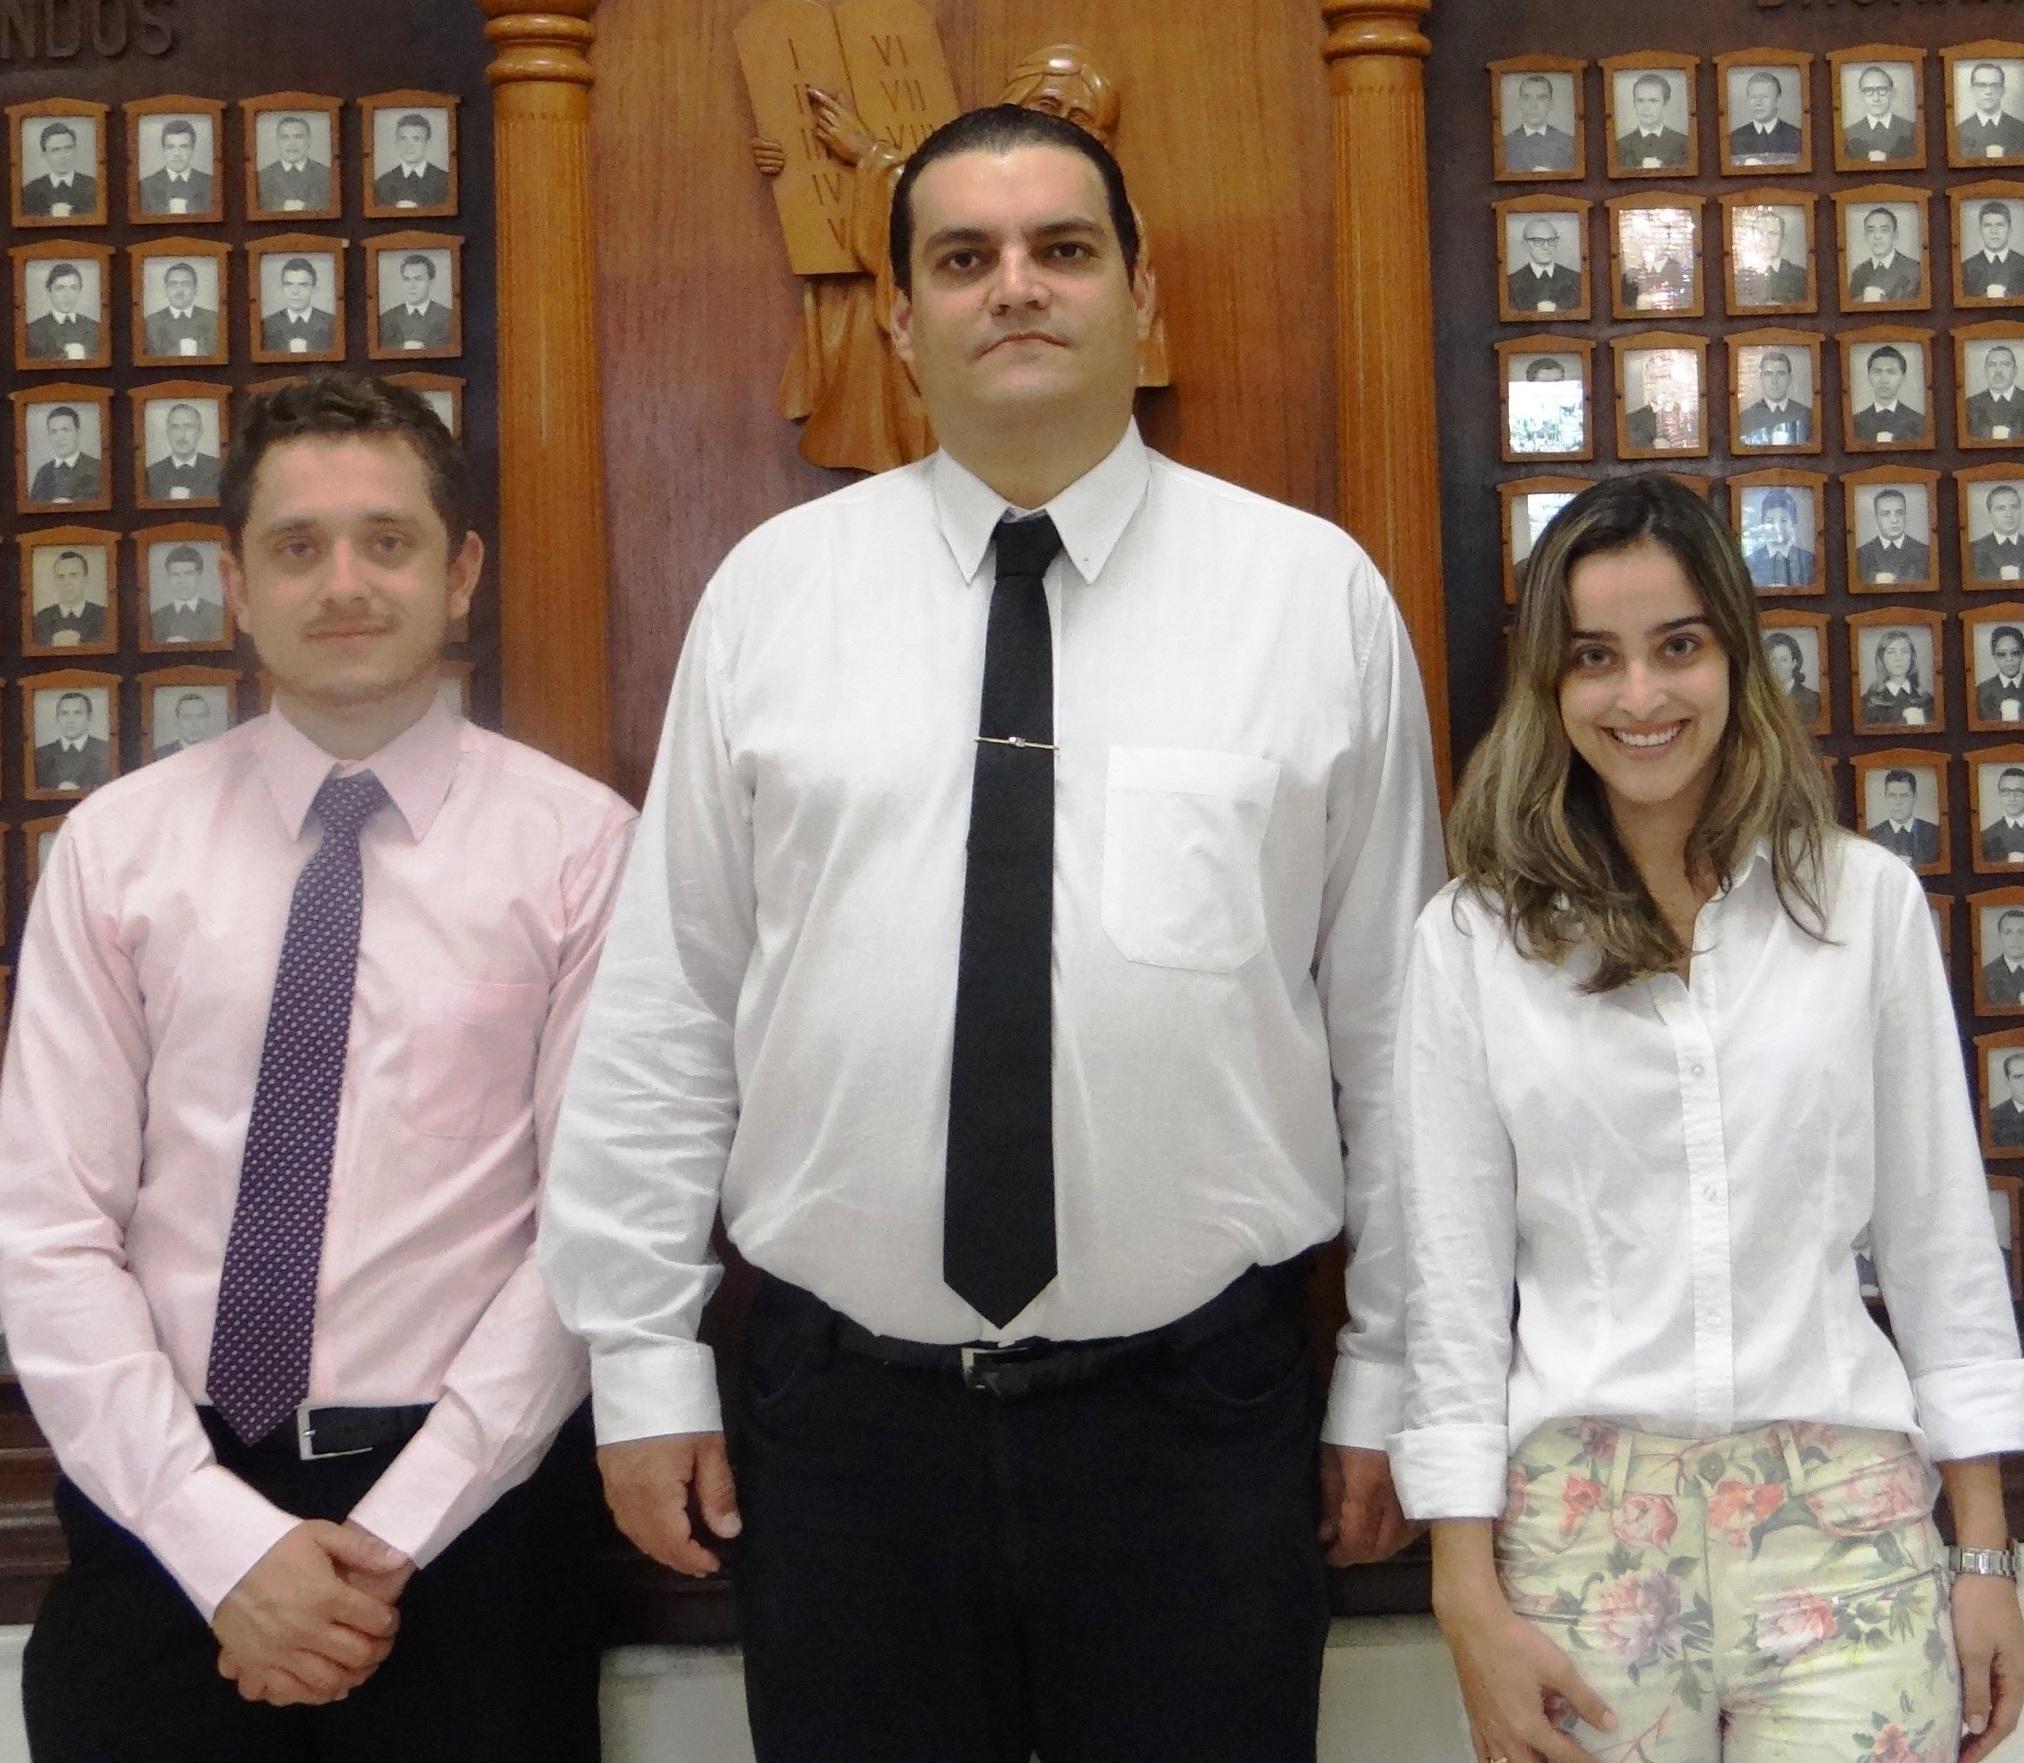 Noticia 2582 - FACULDADE DE DIREITO DO SUL DE MINAS LANÇA REVISTA CIENTÍFICA ELETRÔNICA